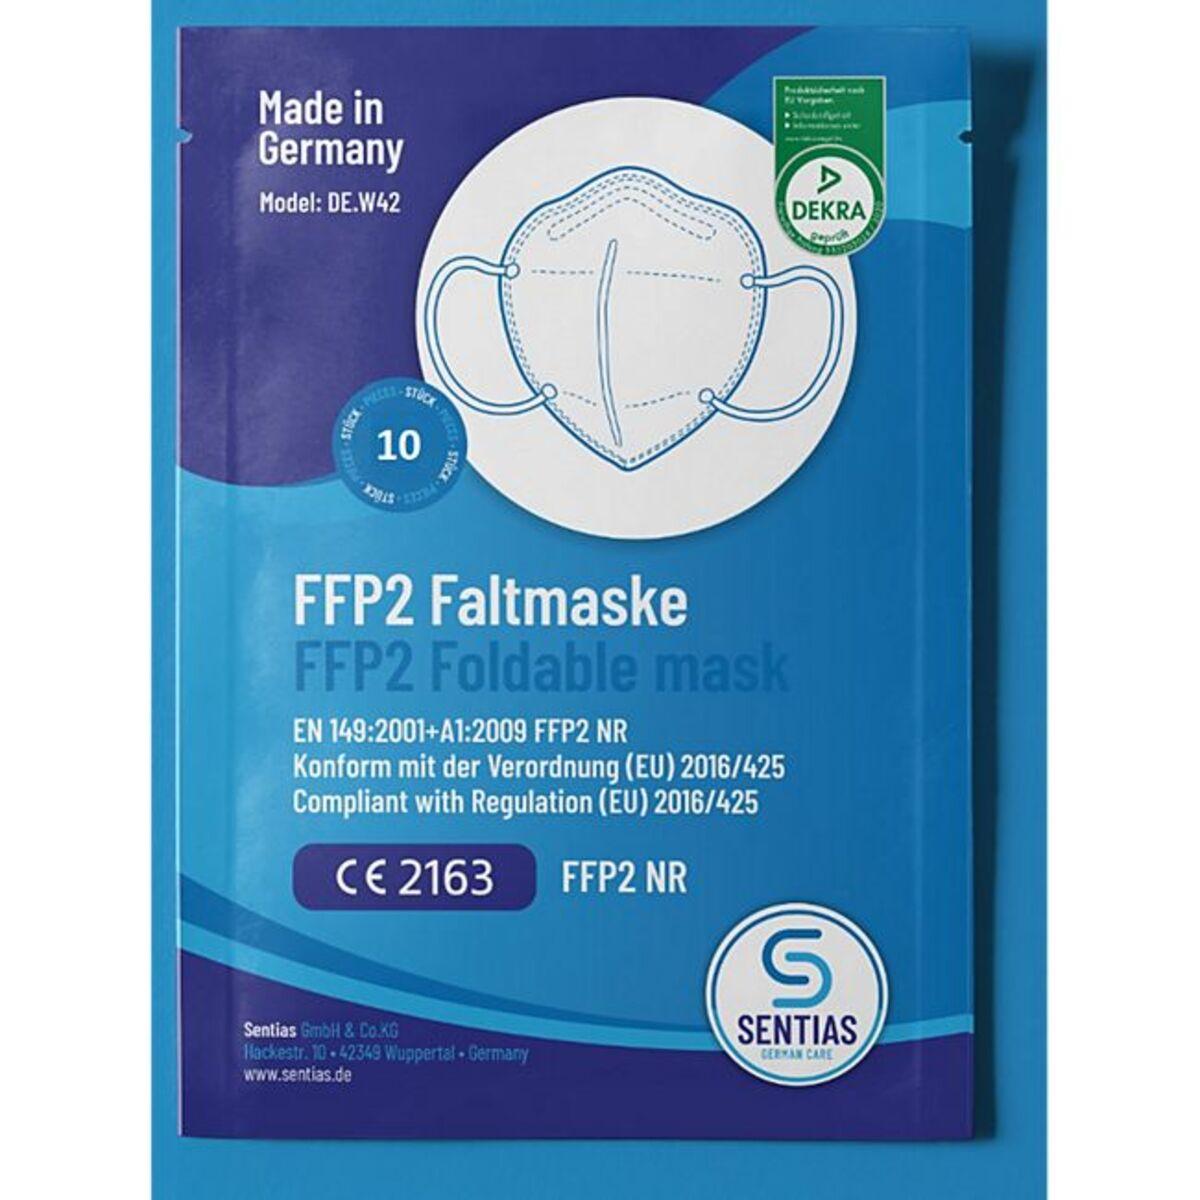 Bild 1 von Mund-Nasen-Masken FFP2 10er-Set Made in Germany